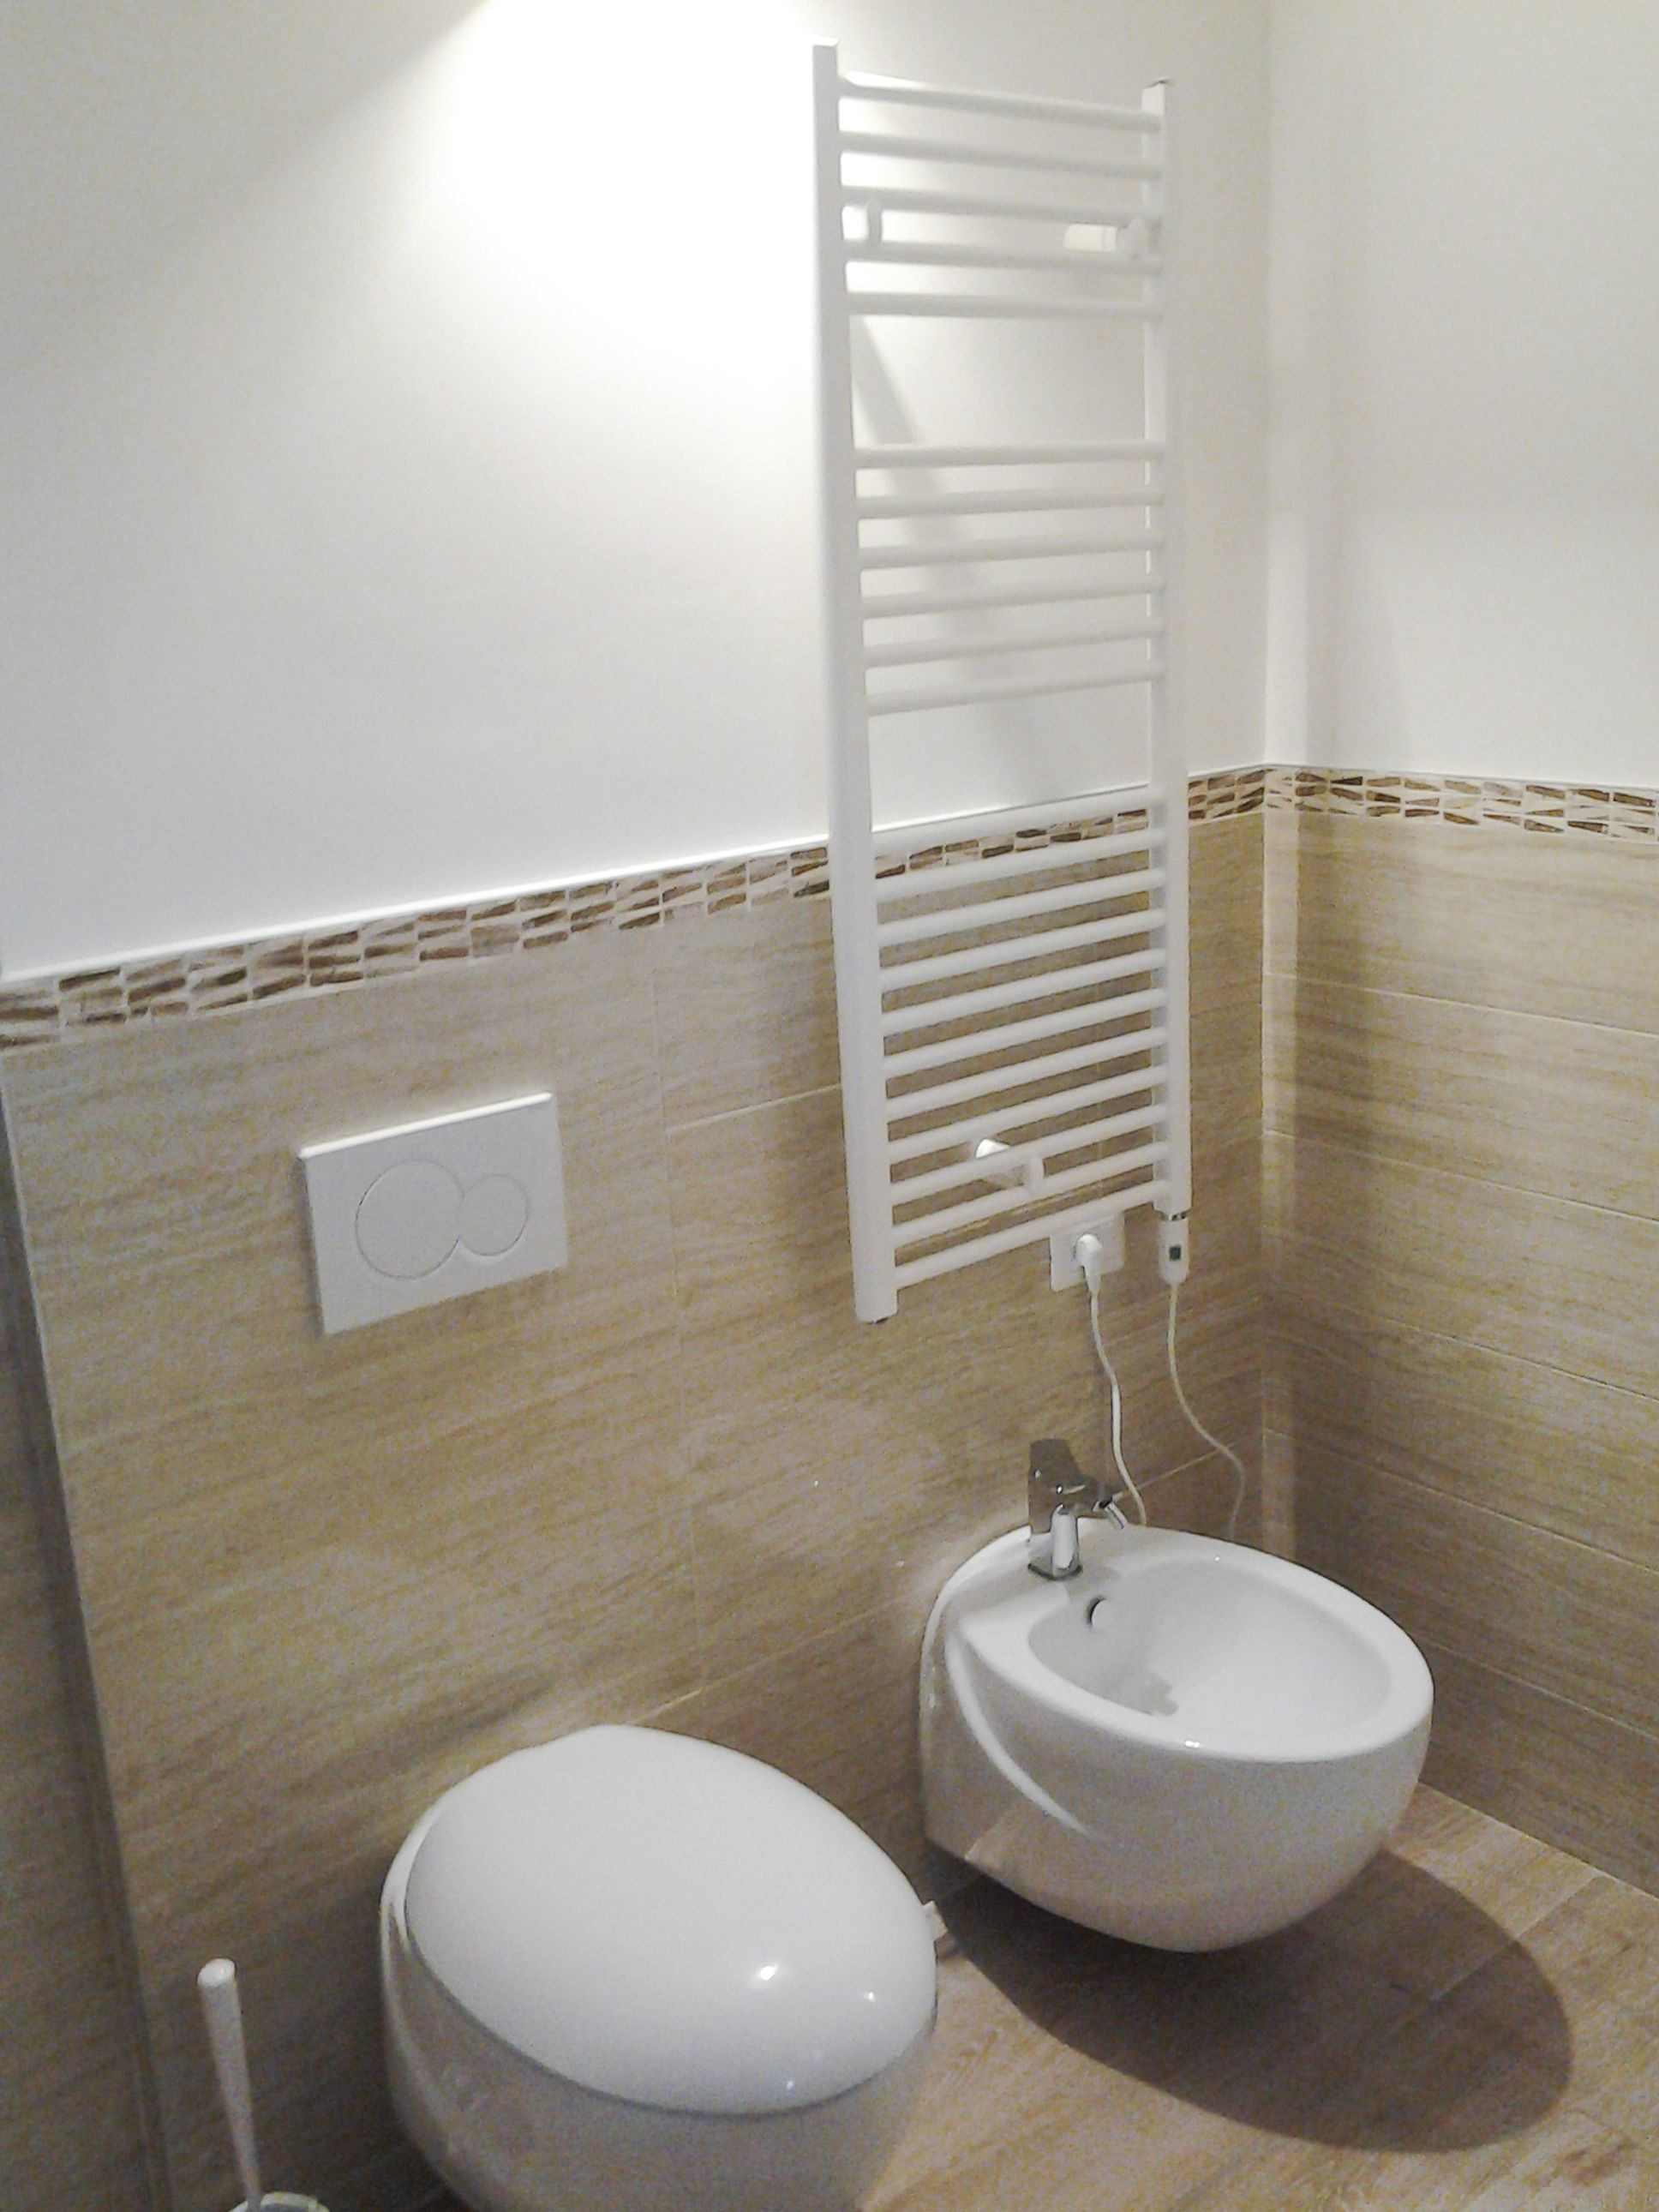 Rivestimento bagno in ceramica con profili a mosaico presso abitazione privata a conco vi - Mosaico bagno idee ...